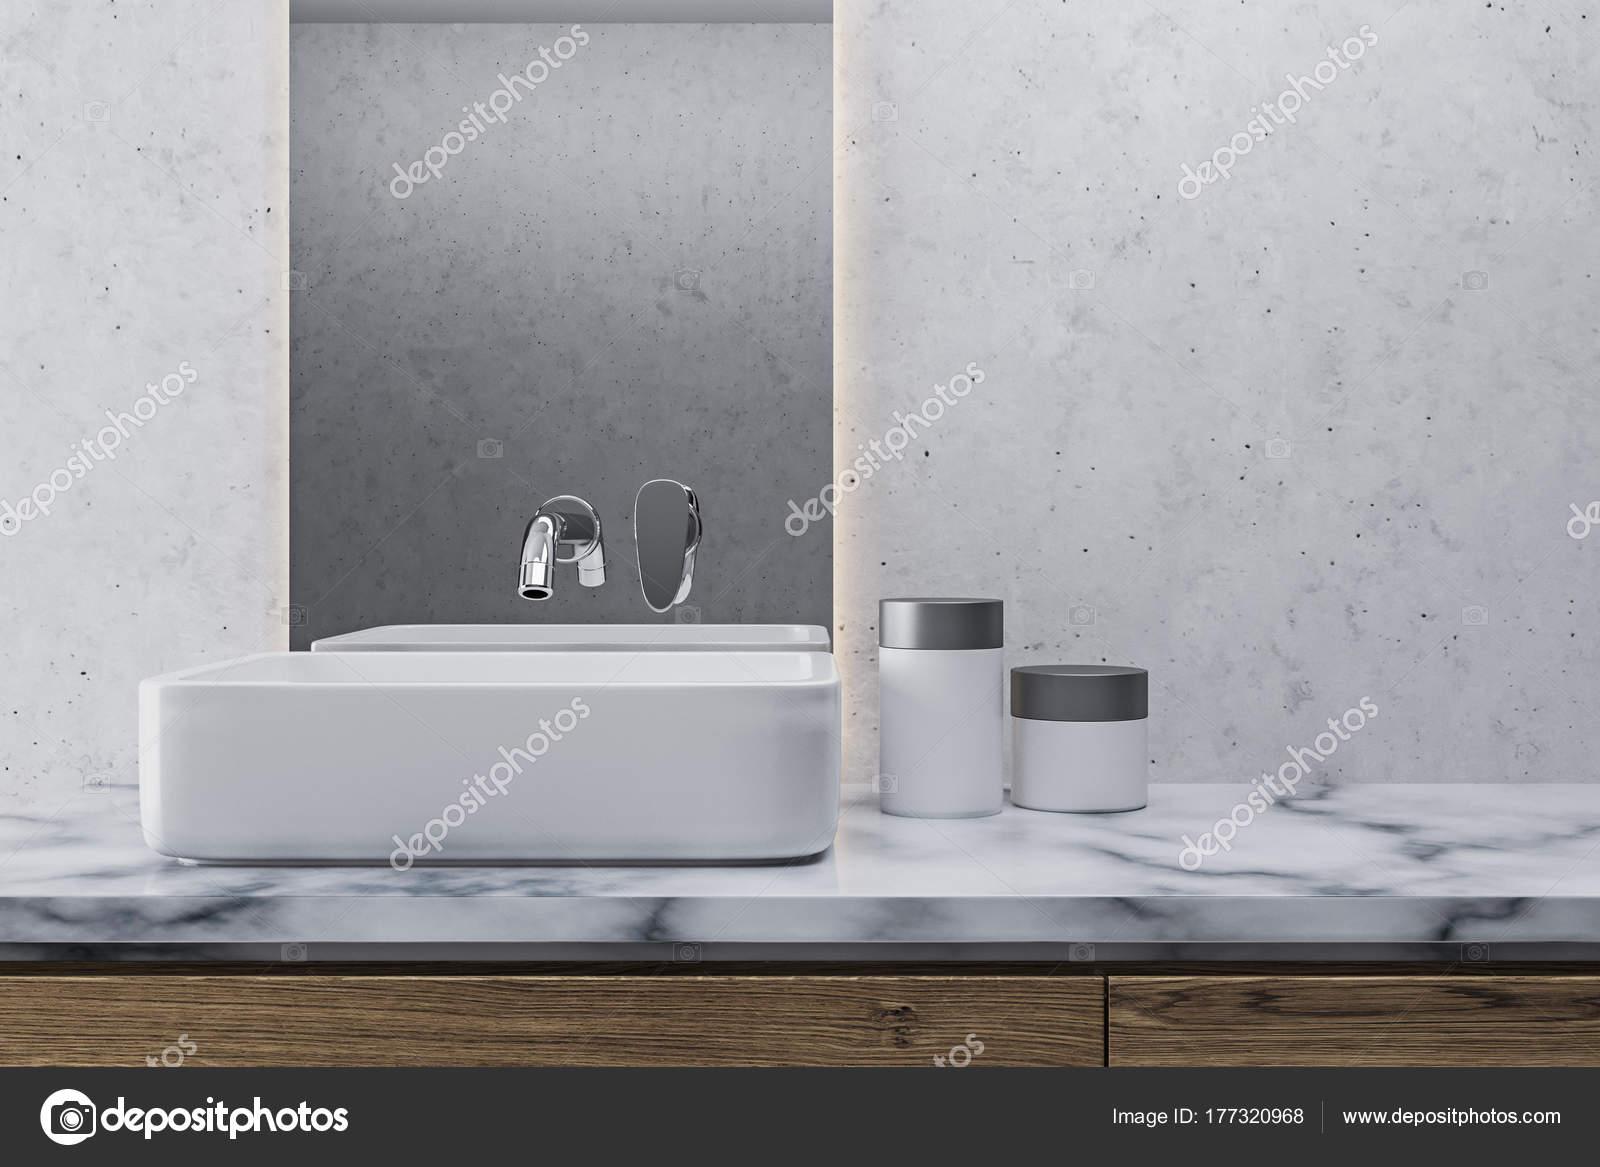 Lavello Bagno Angolare : Lavello bagno in marmo bianco bianco u2014 foto stock © denisismagilov